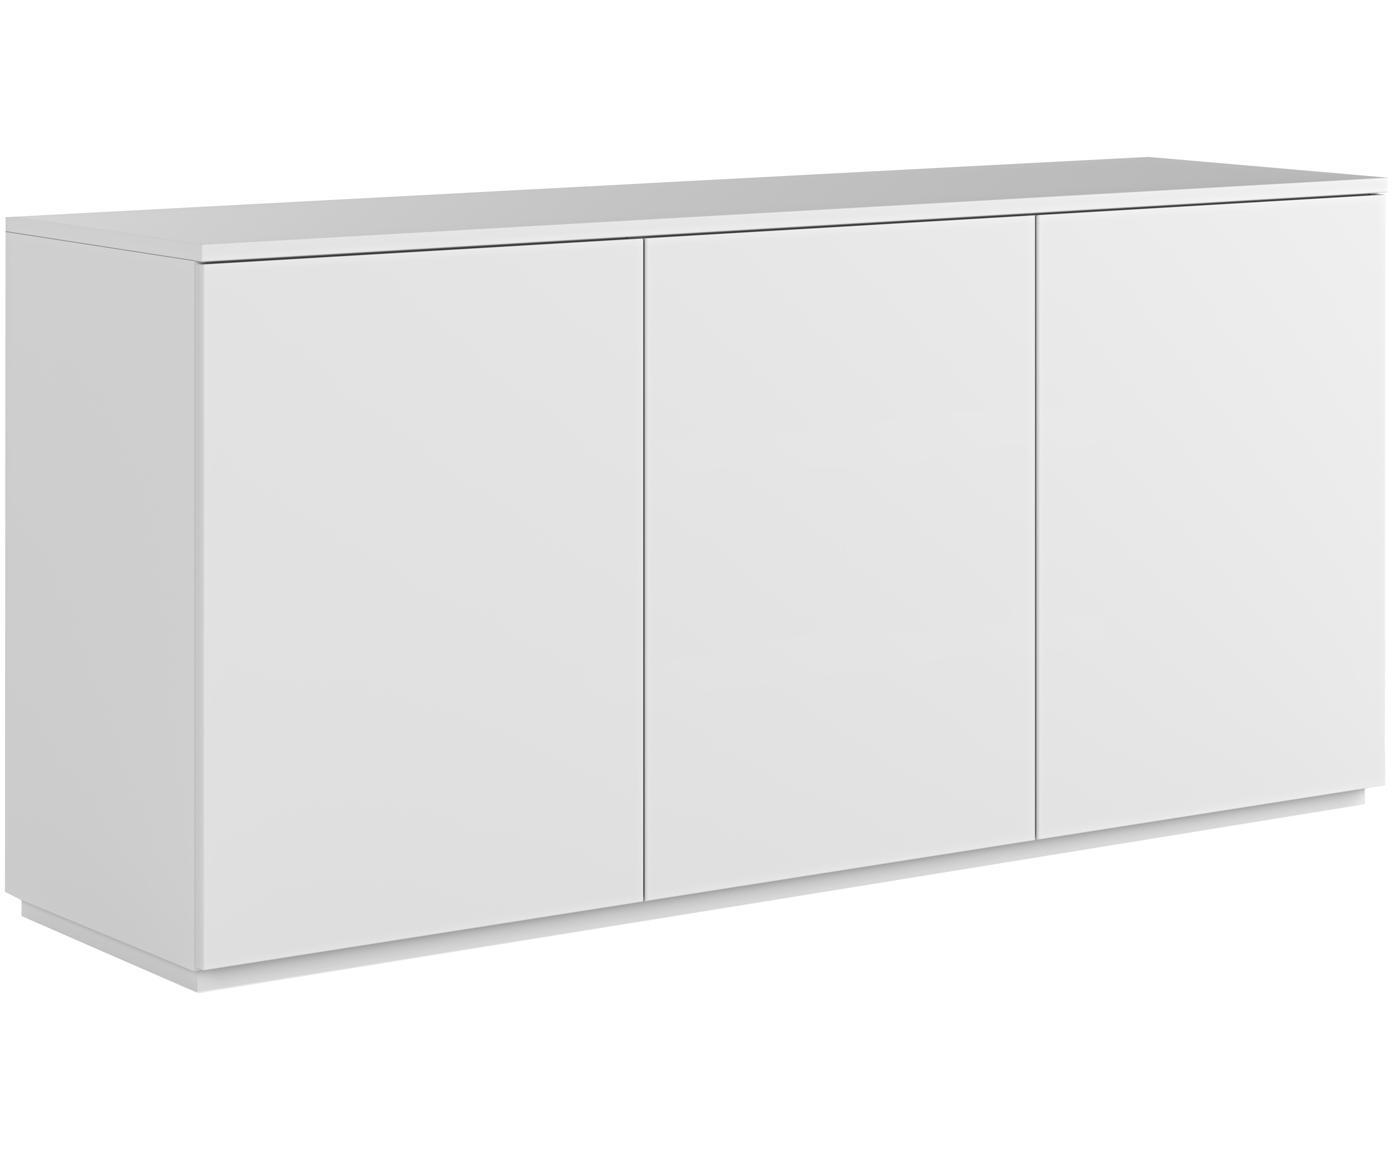 Weißes Sideboard Join mit Türen, Mitteldichte Holzfaserplatte, lackiert, Weiß, 180 x 84 cm